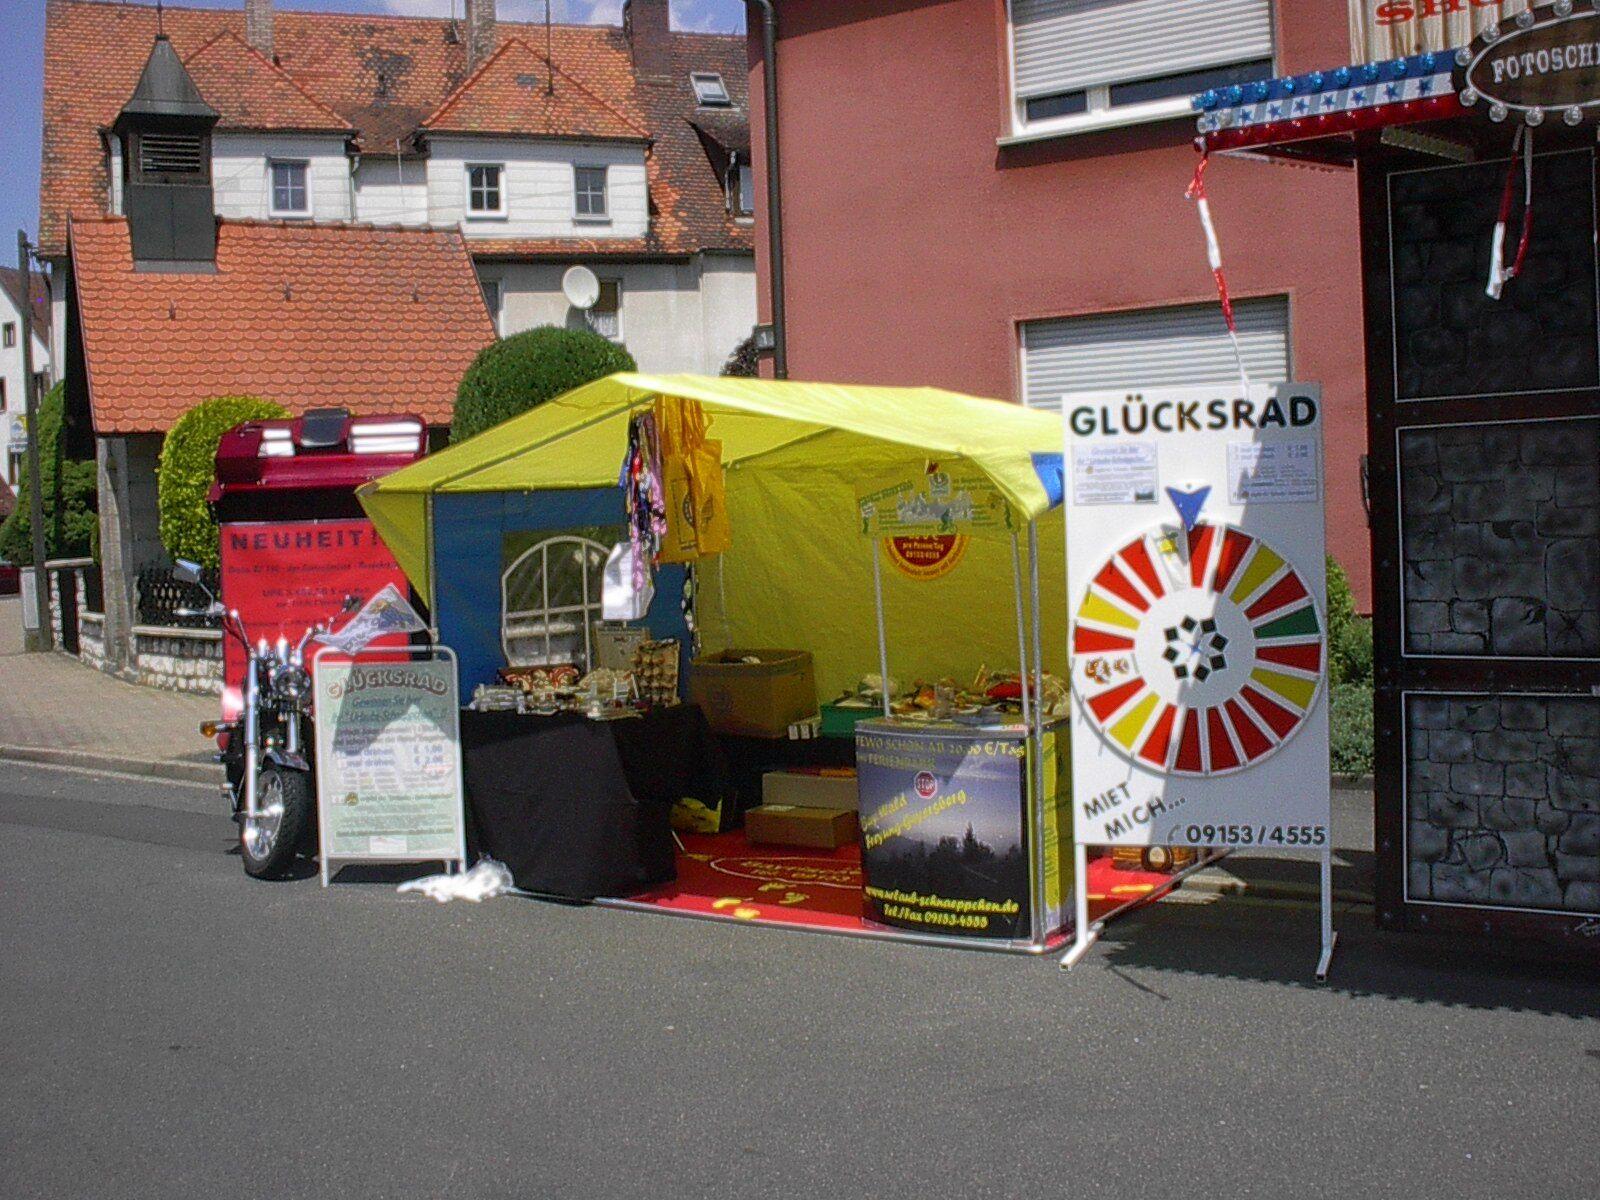 Profi-Glücksrad - EVENT für Firmen, Messe, Sonderschau, Ausstellung etc